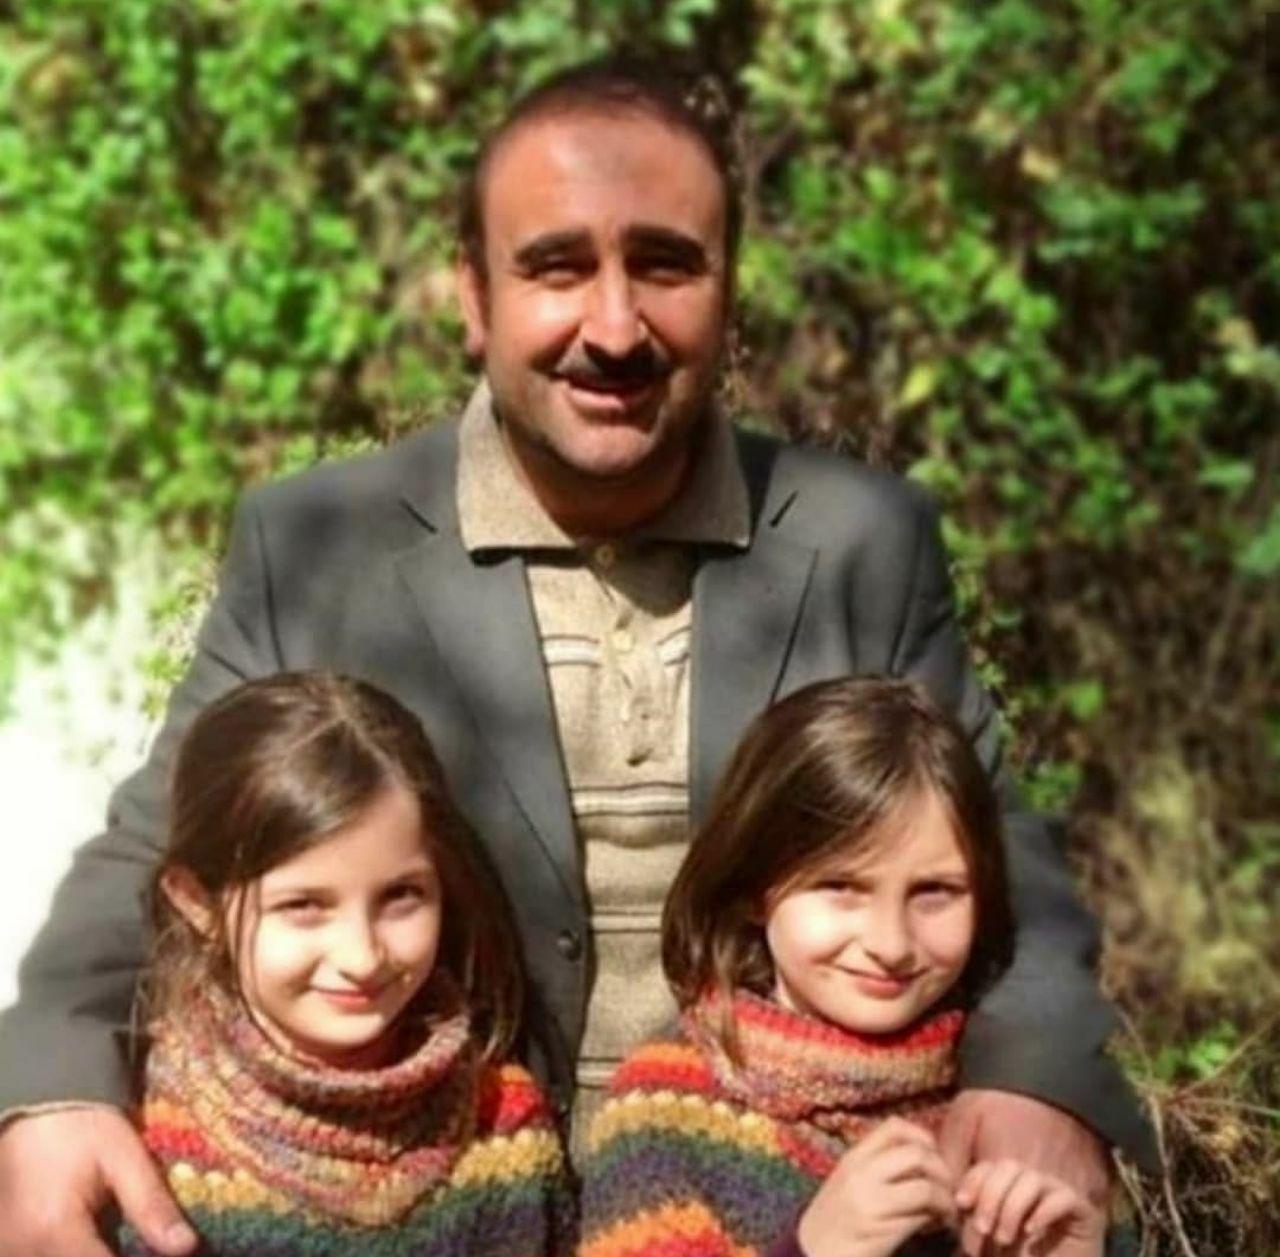 بازیگر نقش بهبود در کنار دوقلوهای سریال پایتخت +عکس